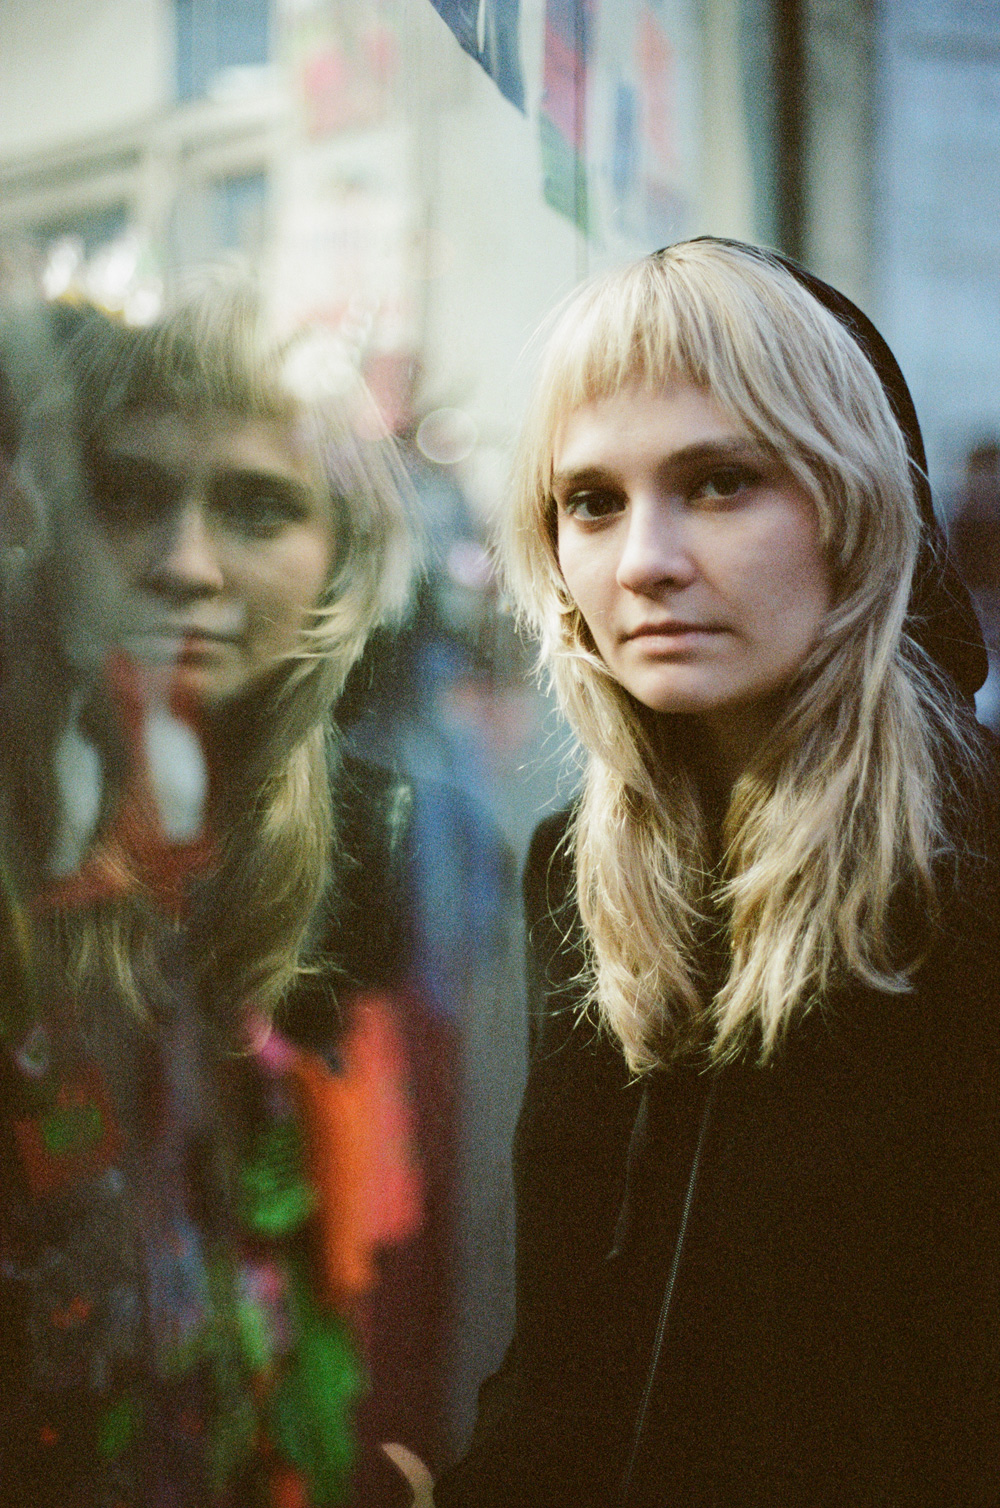 RSW: Cherry Glazerr + Portraits